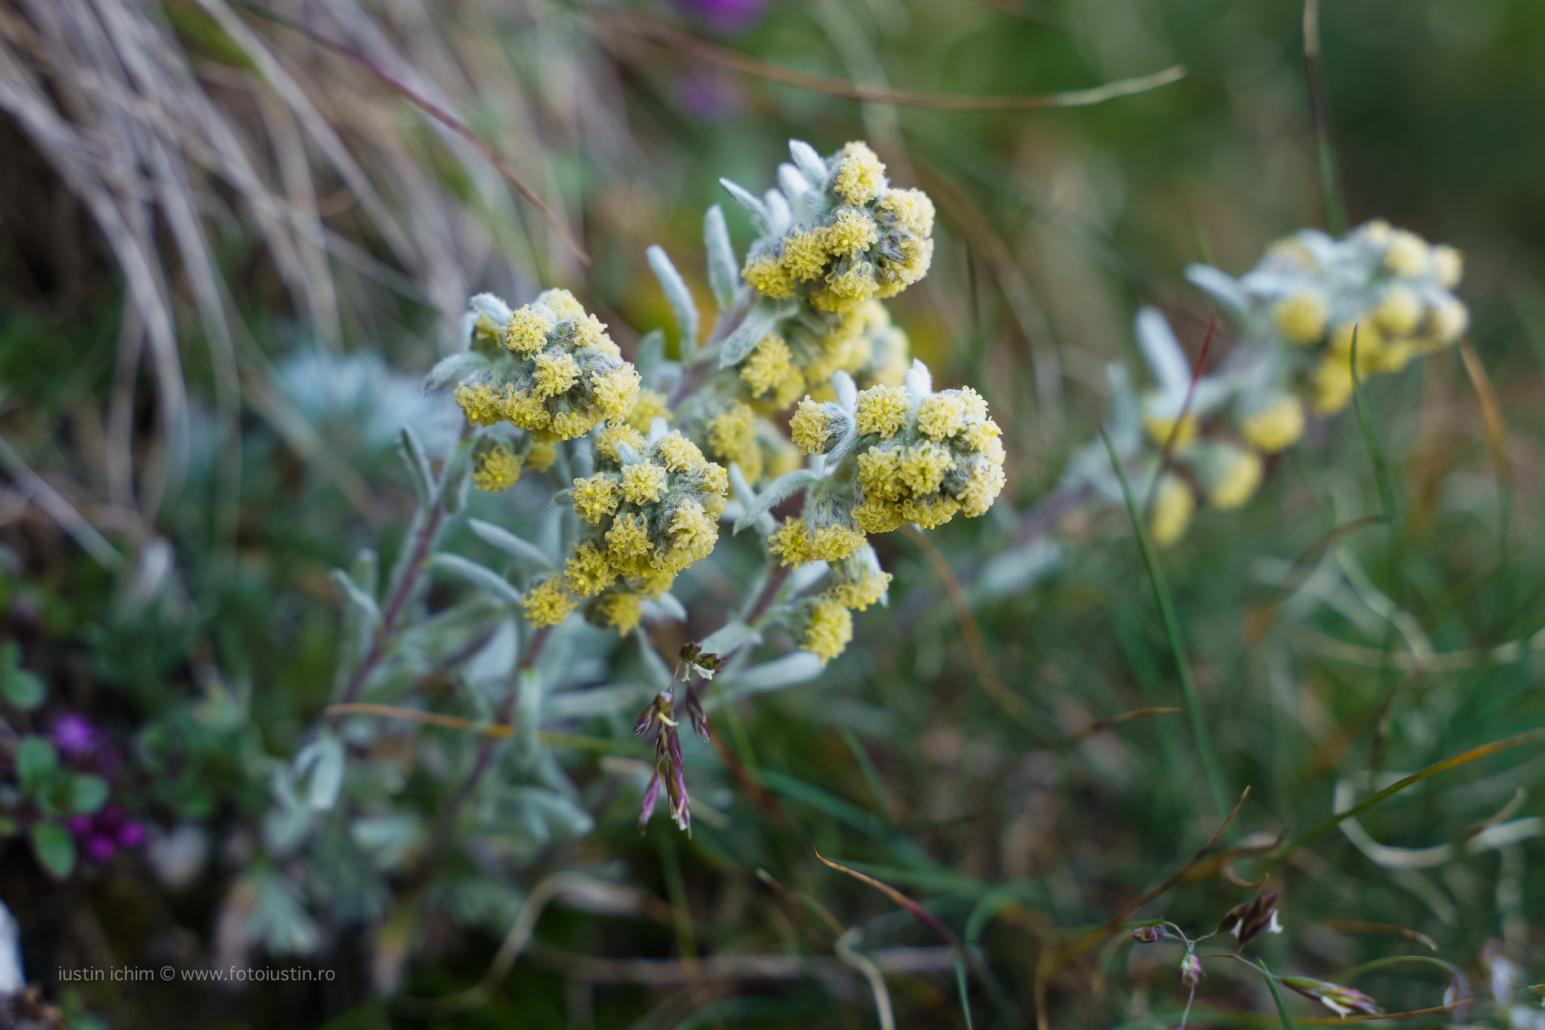 Artemisia umbelliformis subsp. eriantha